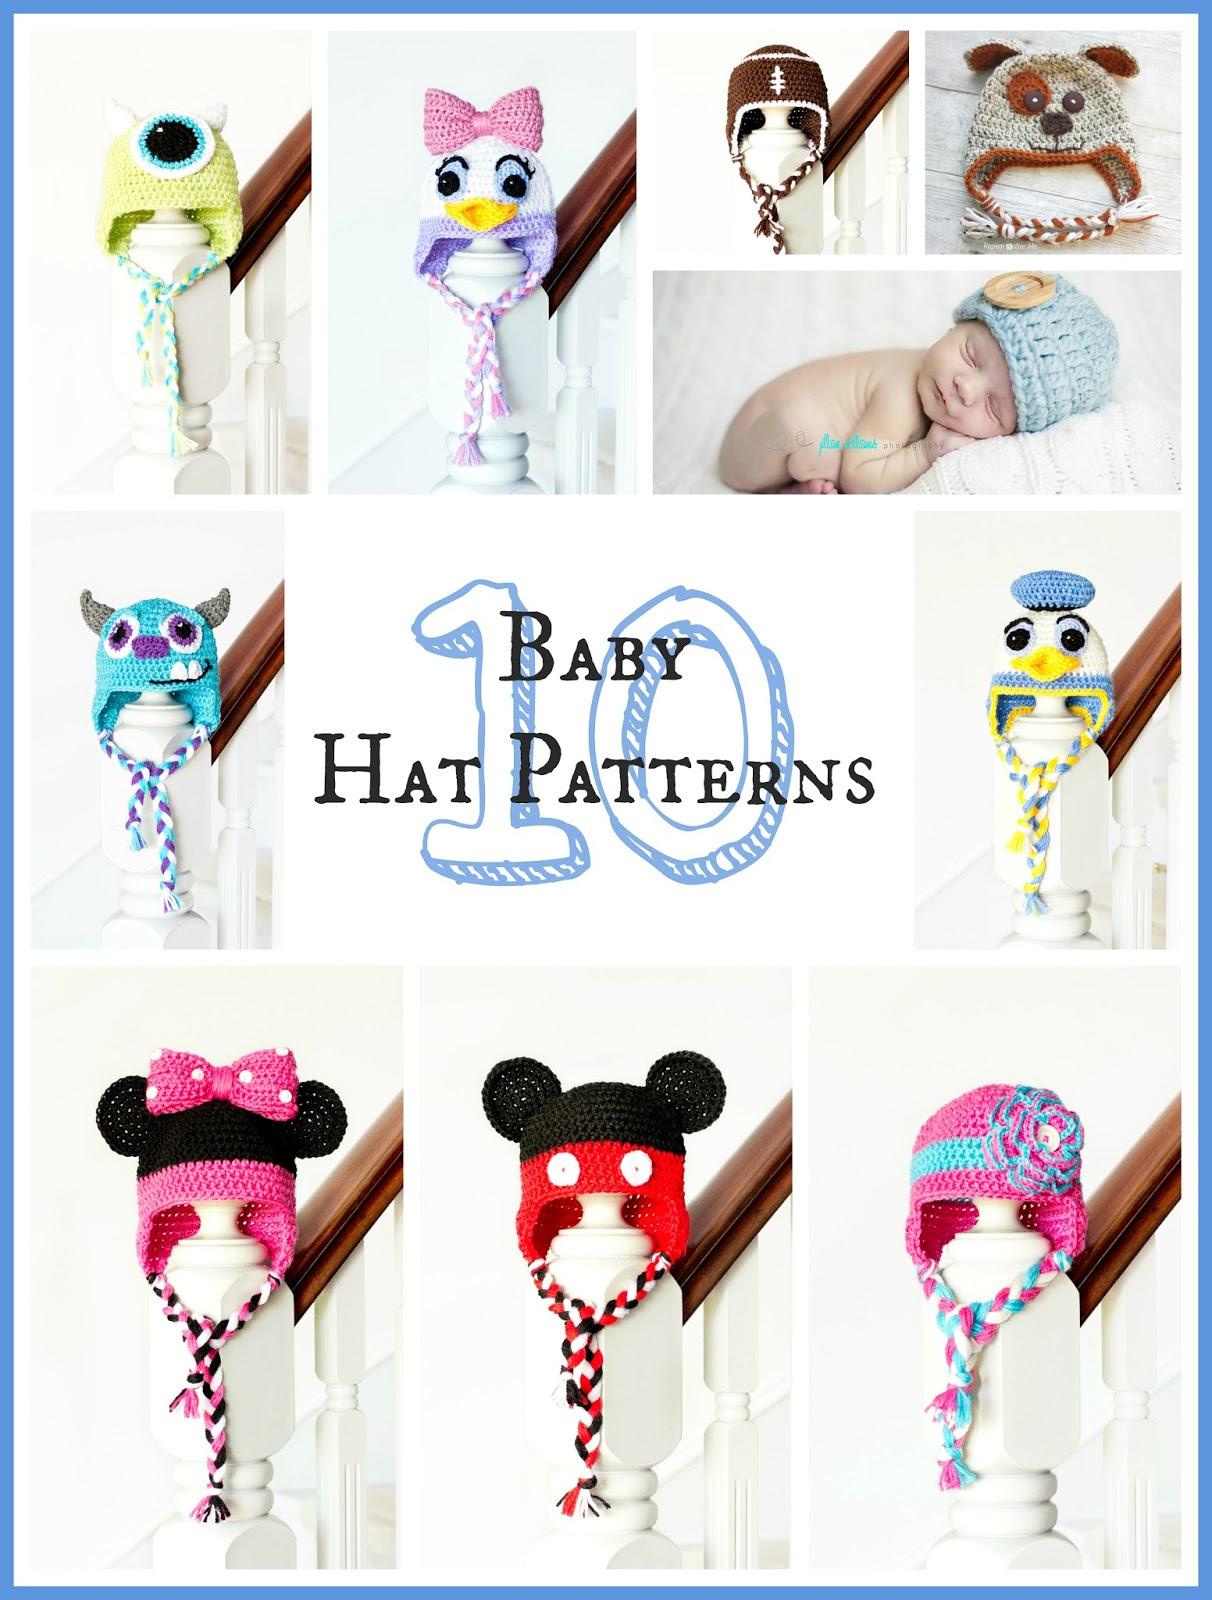 http://1.bp.blogspot.com/-5E8dpxwbIm4/UxV0SHbB5vI/AAAAAAAAHiI/PDZIcx9bI-s/s1600/10+Free+Adorable+Baby+Hat+Crochet+Patterns.jpg